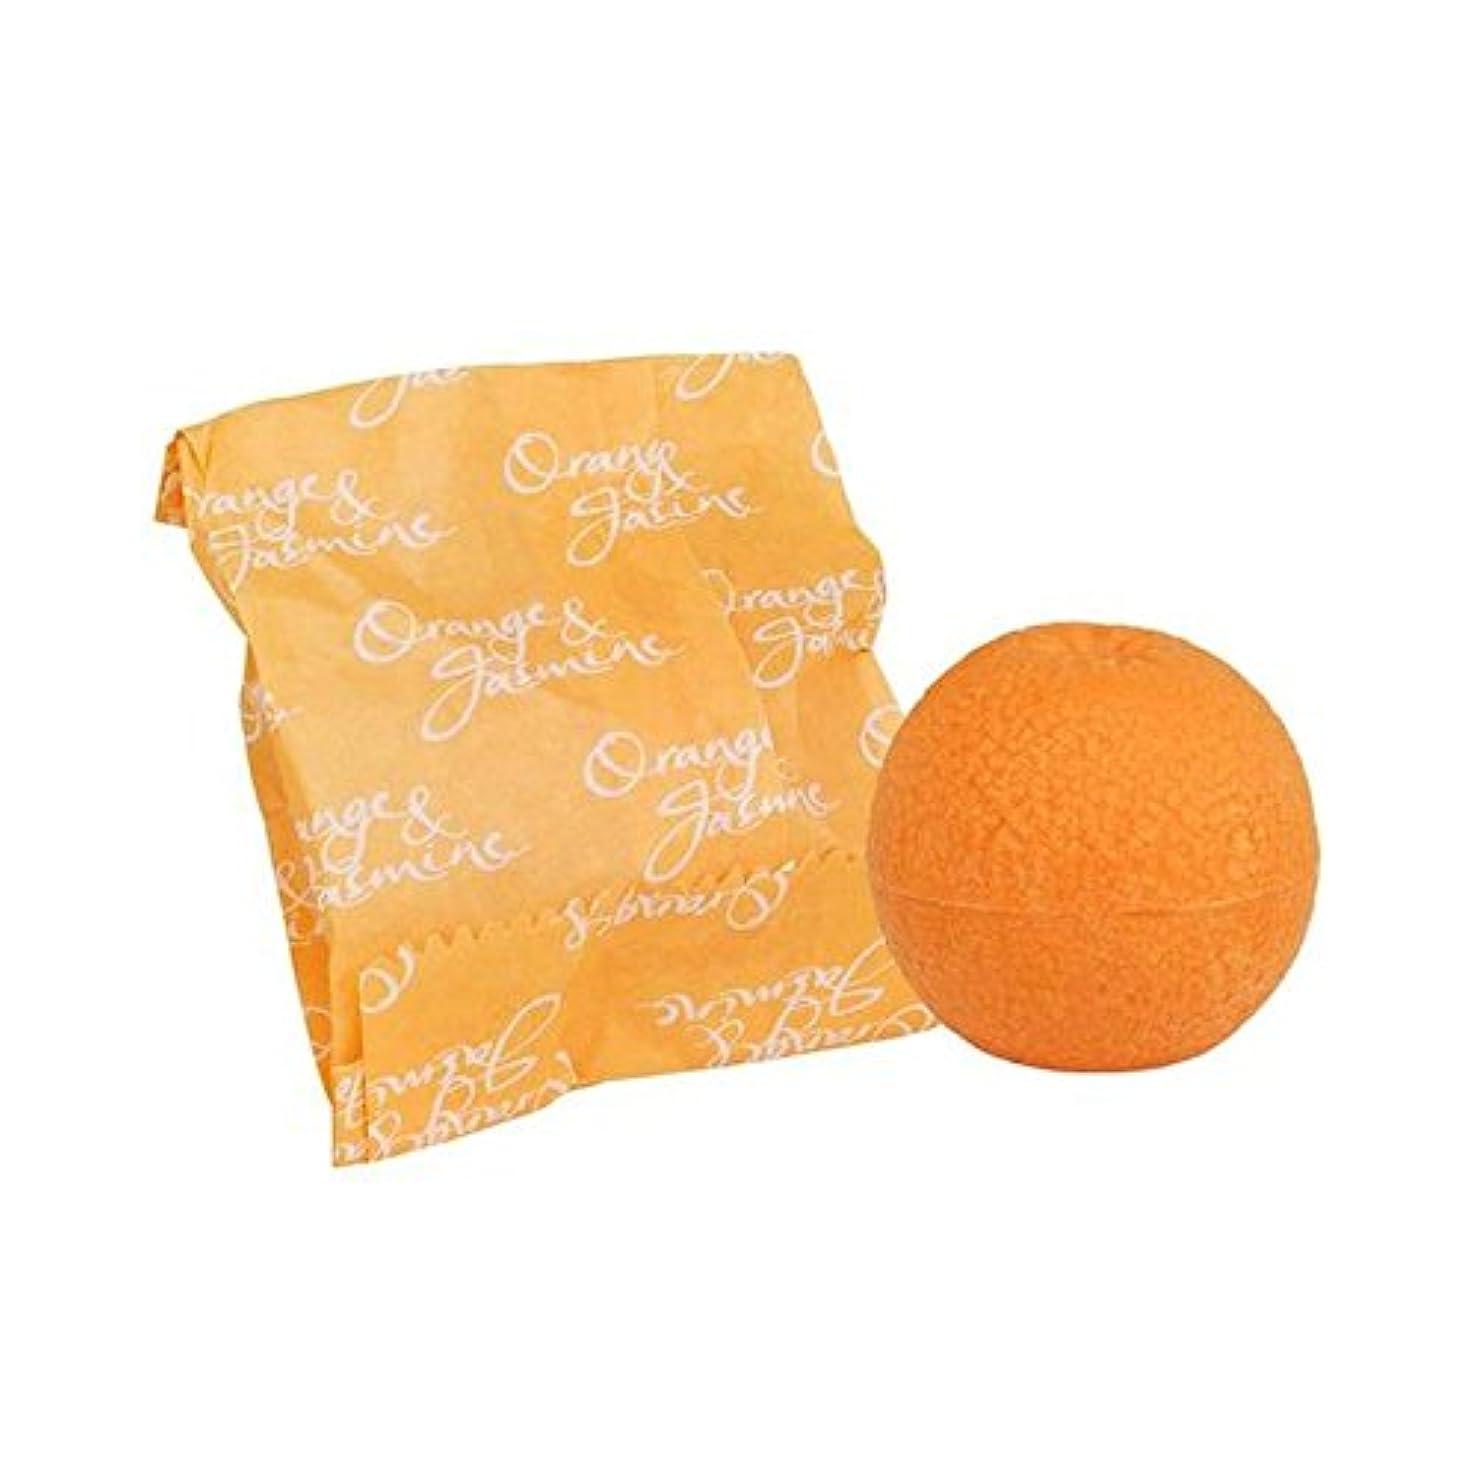 自我フローキウイBronnley Orange & Jasmine Soap 100g (Pack of 6) - オレンジ&ジャスミン石鹸100グラム x6 [並行輸入品]